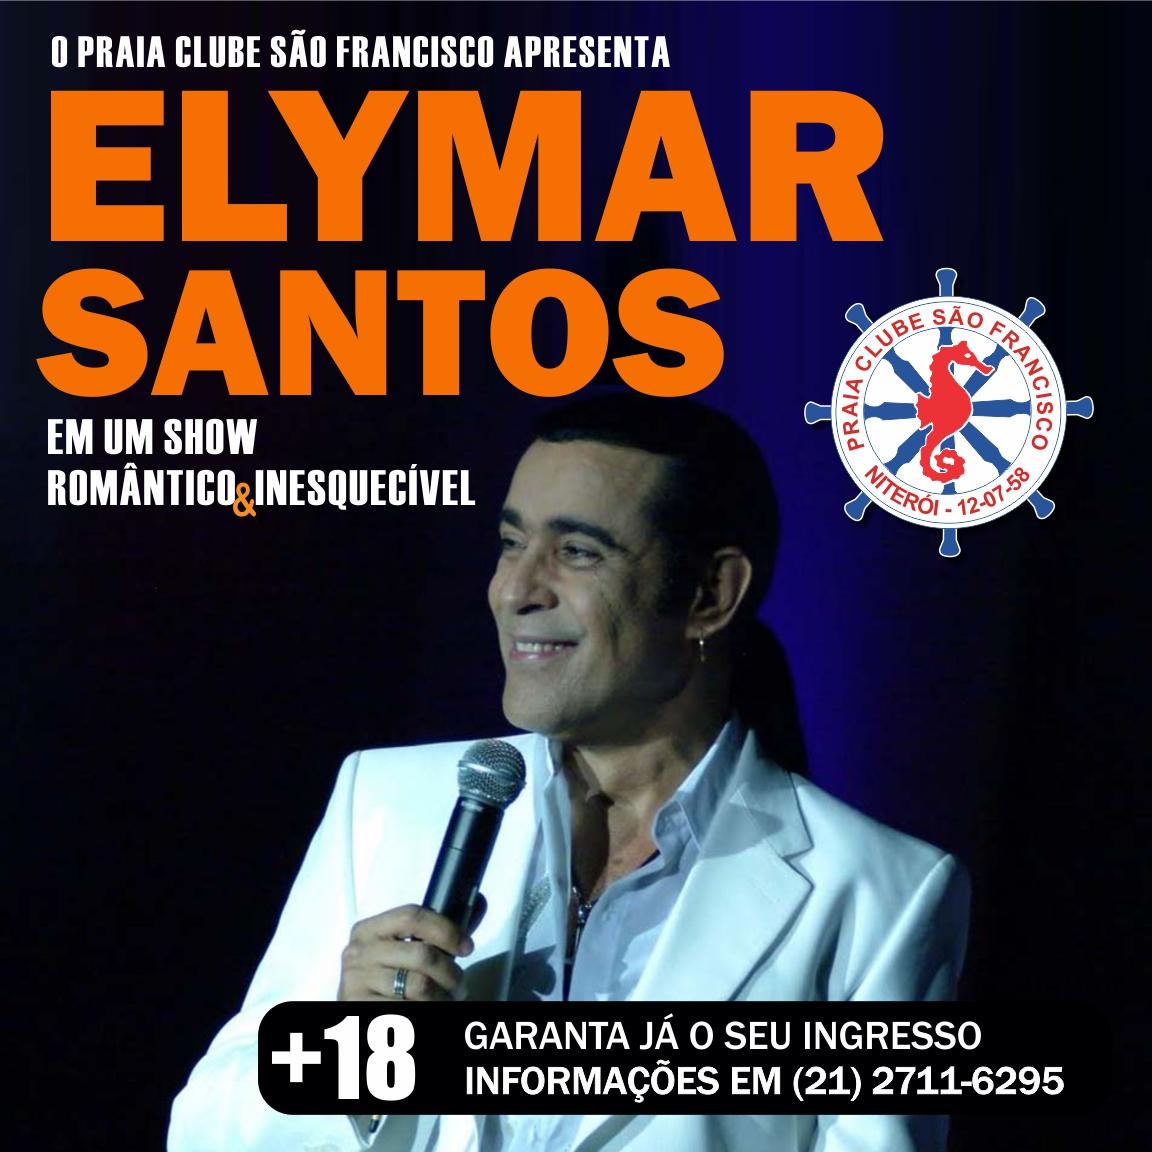 Elymar Santos_quadrada